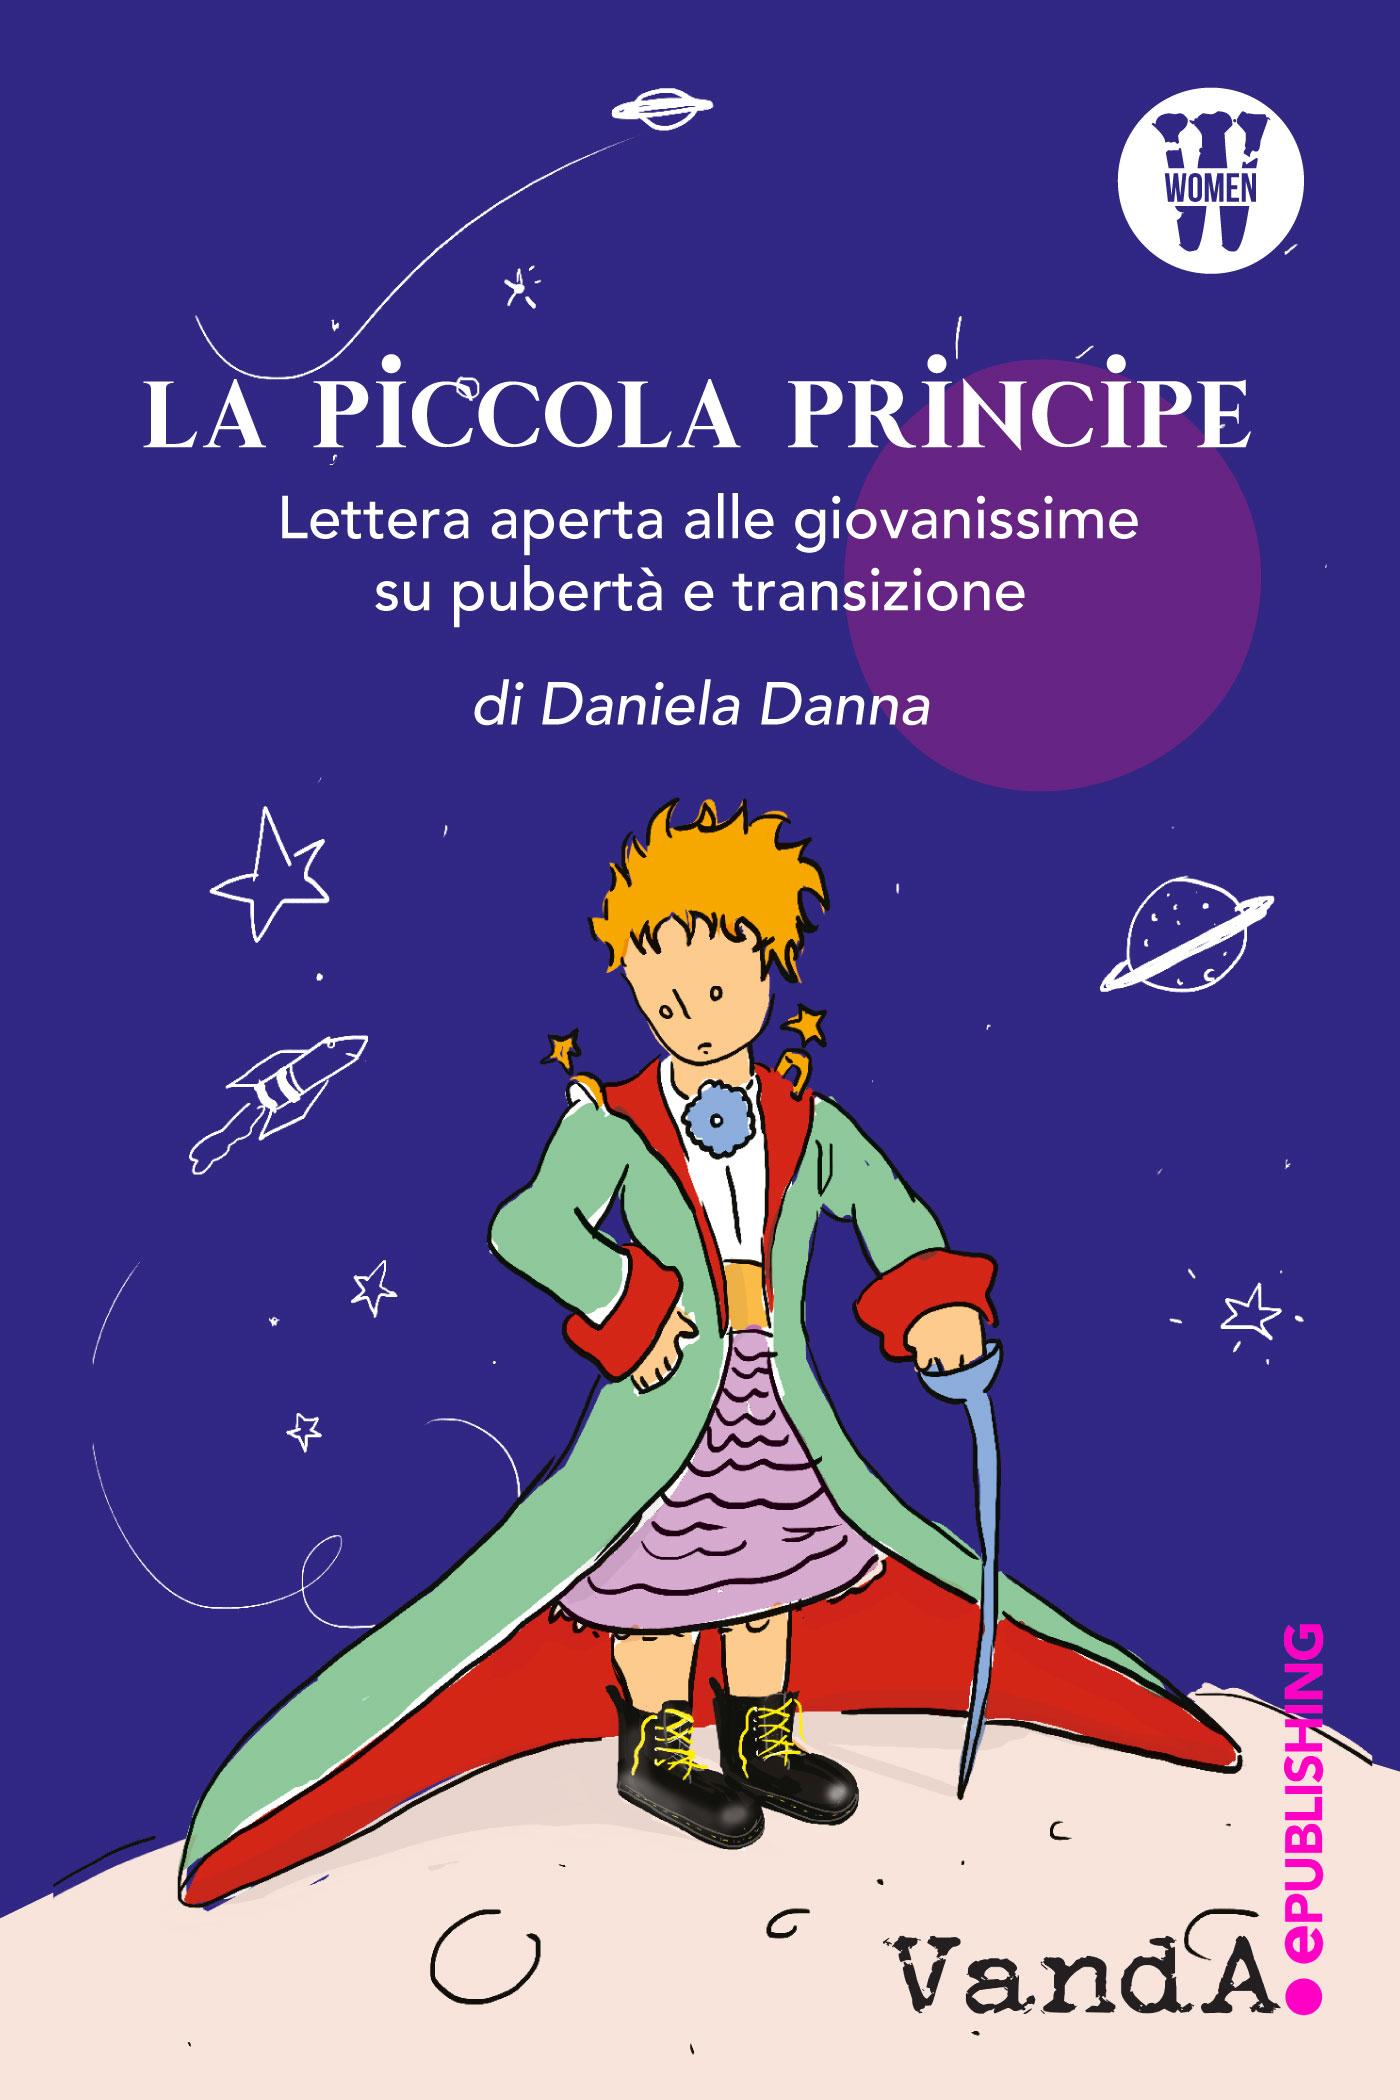 La piccola principe, presentazione del libro di Daniela Danna